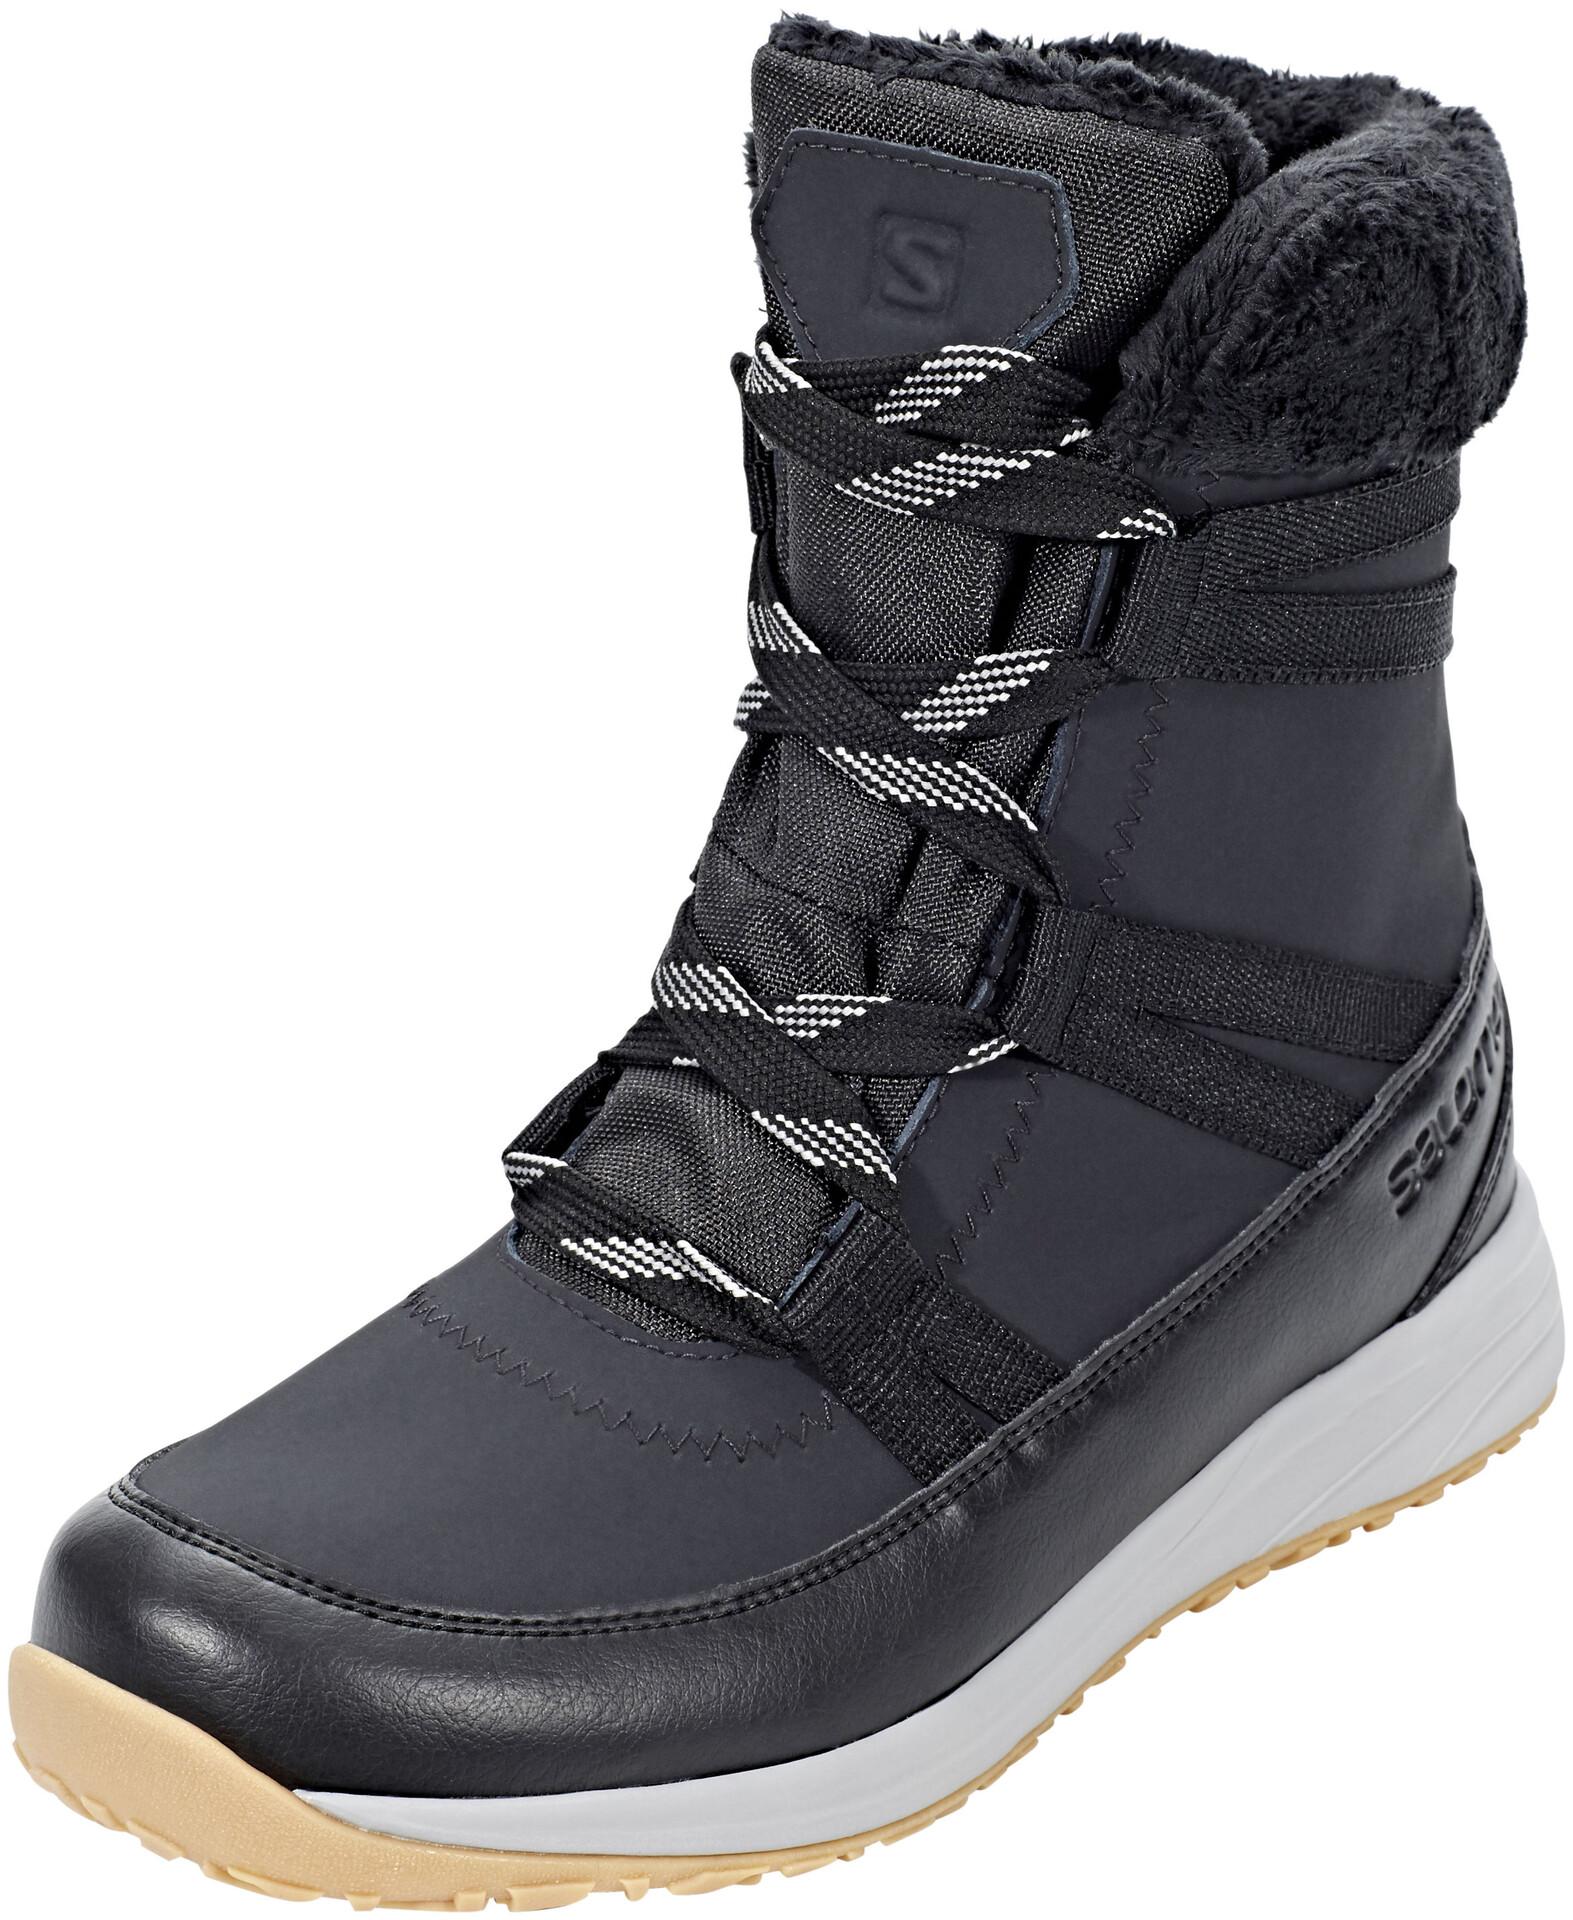 Salomon Heika LTR CS WP Winter Boots Women PhantomBlackAlloy